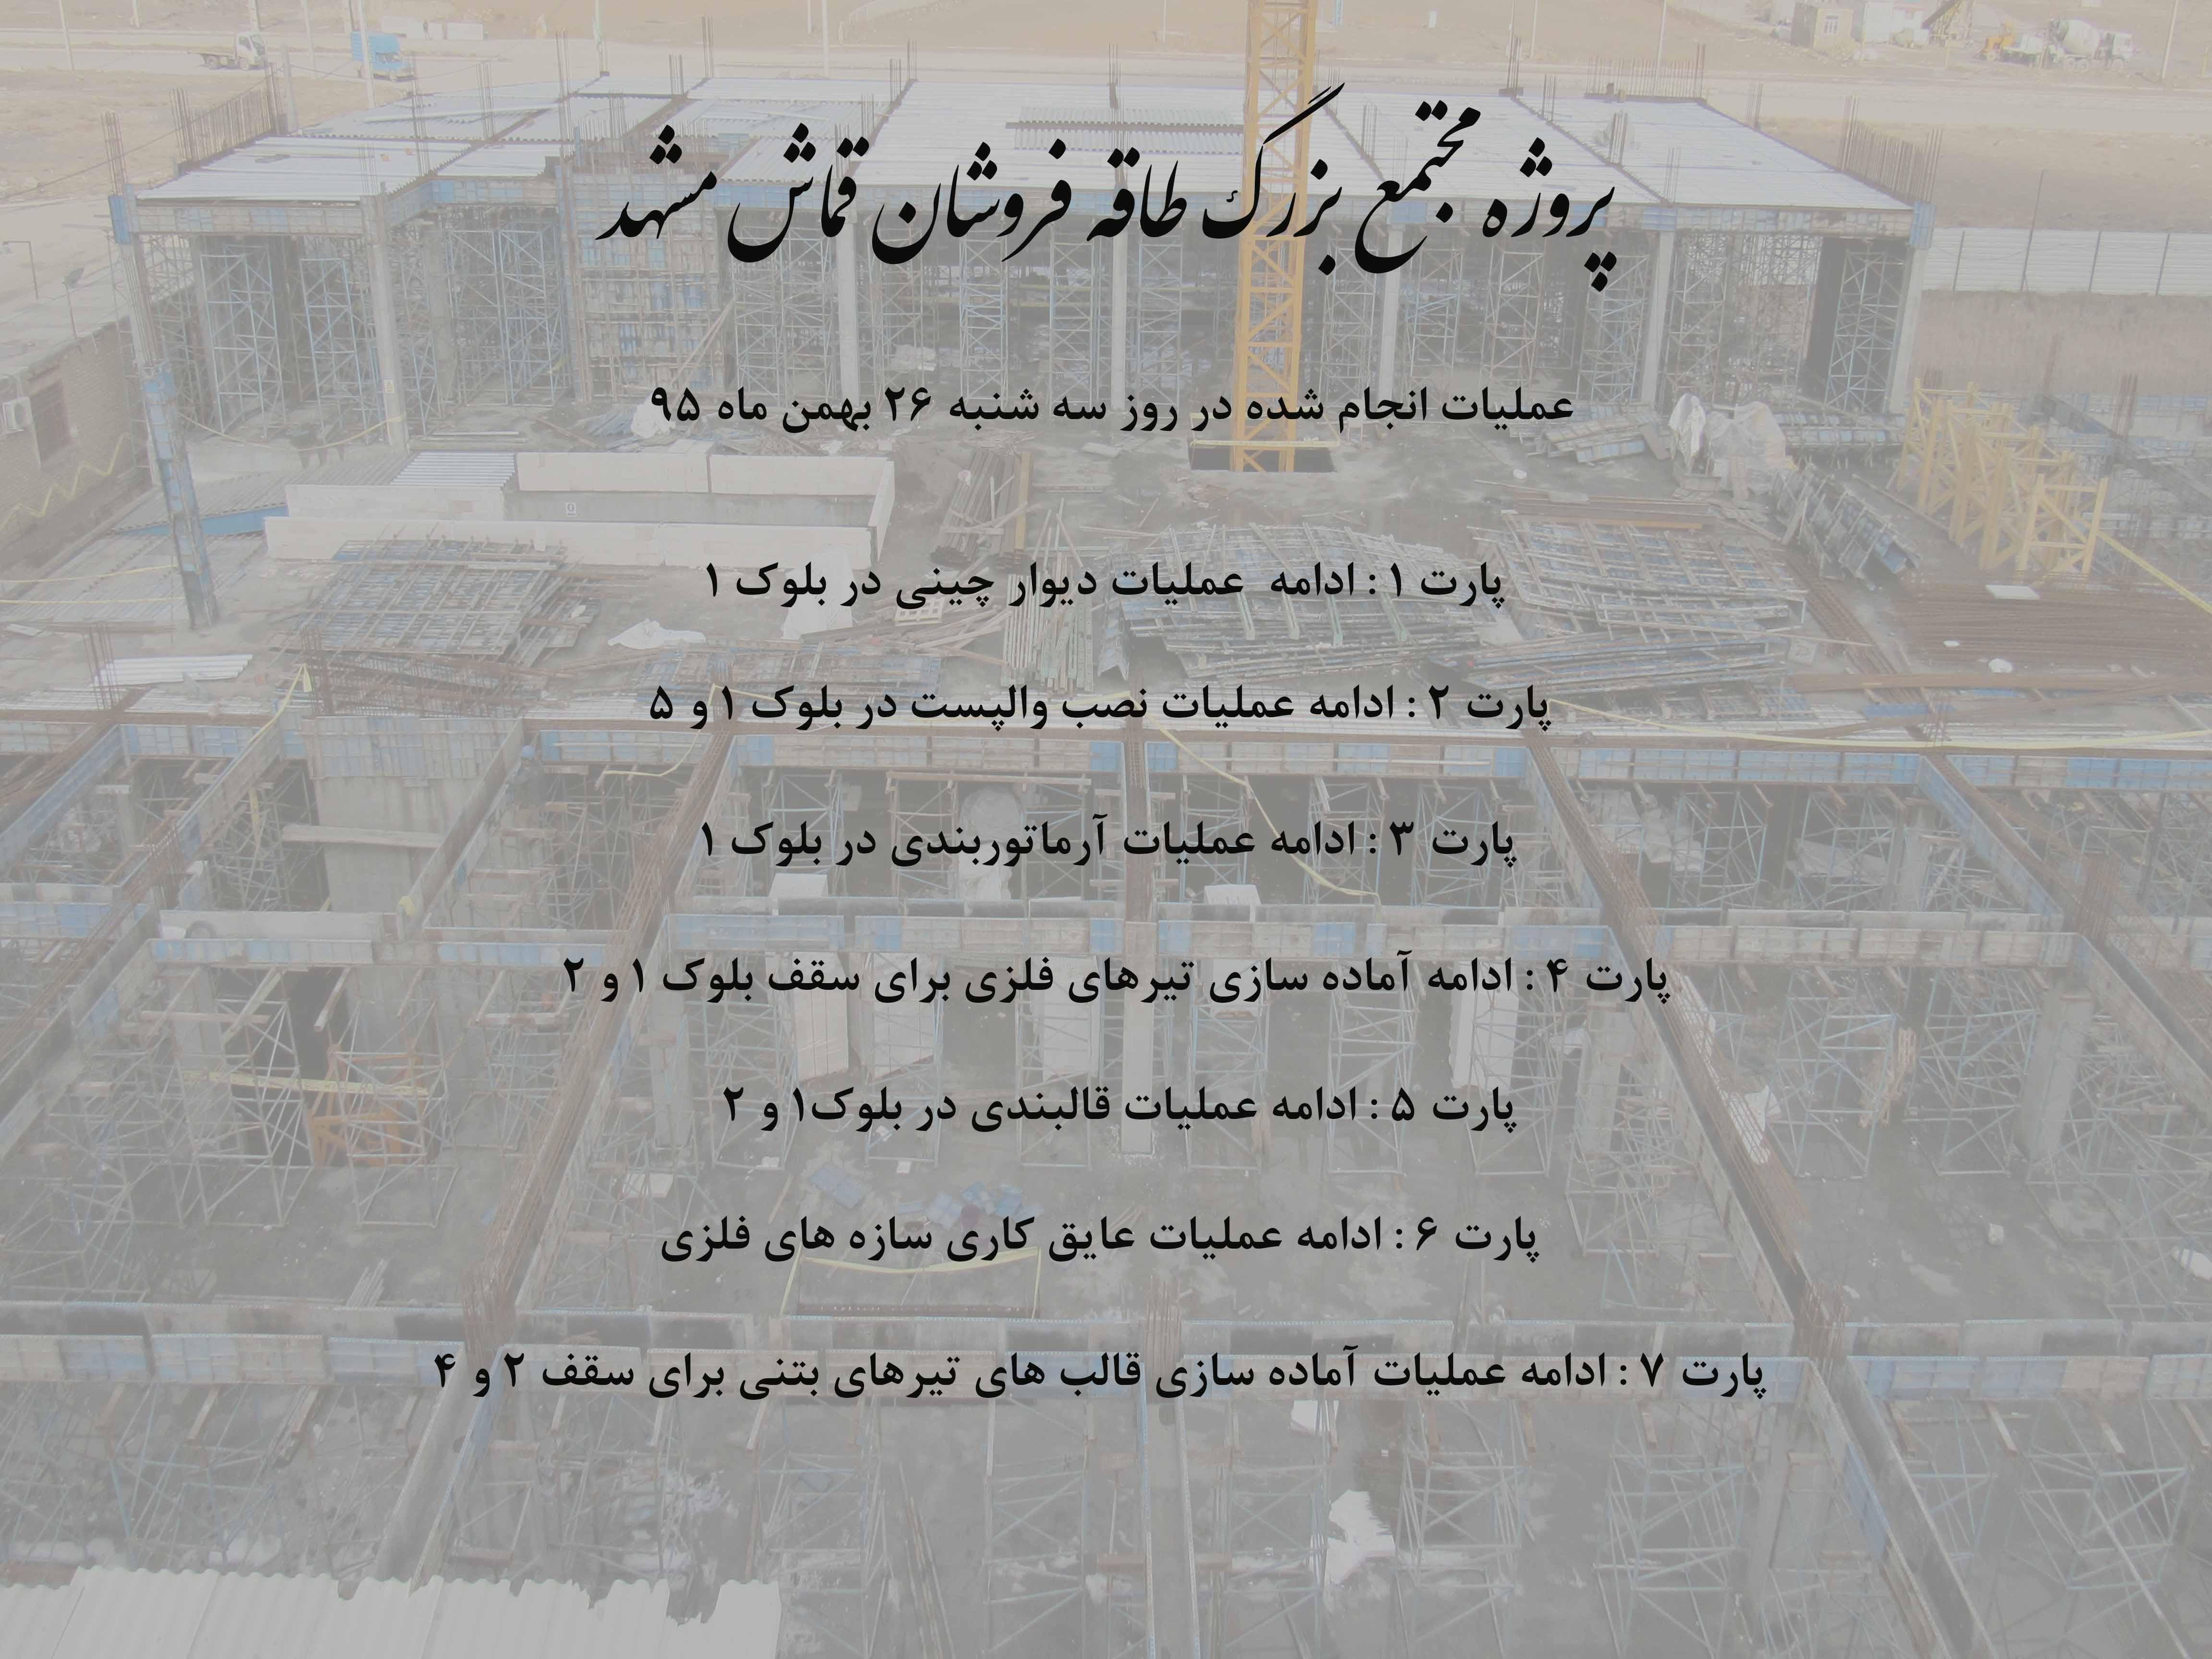 عملیات انجام شده در تاریخ ۹۵/۱۱/۲۶